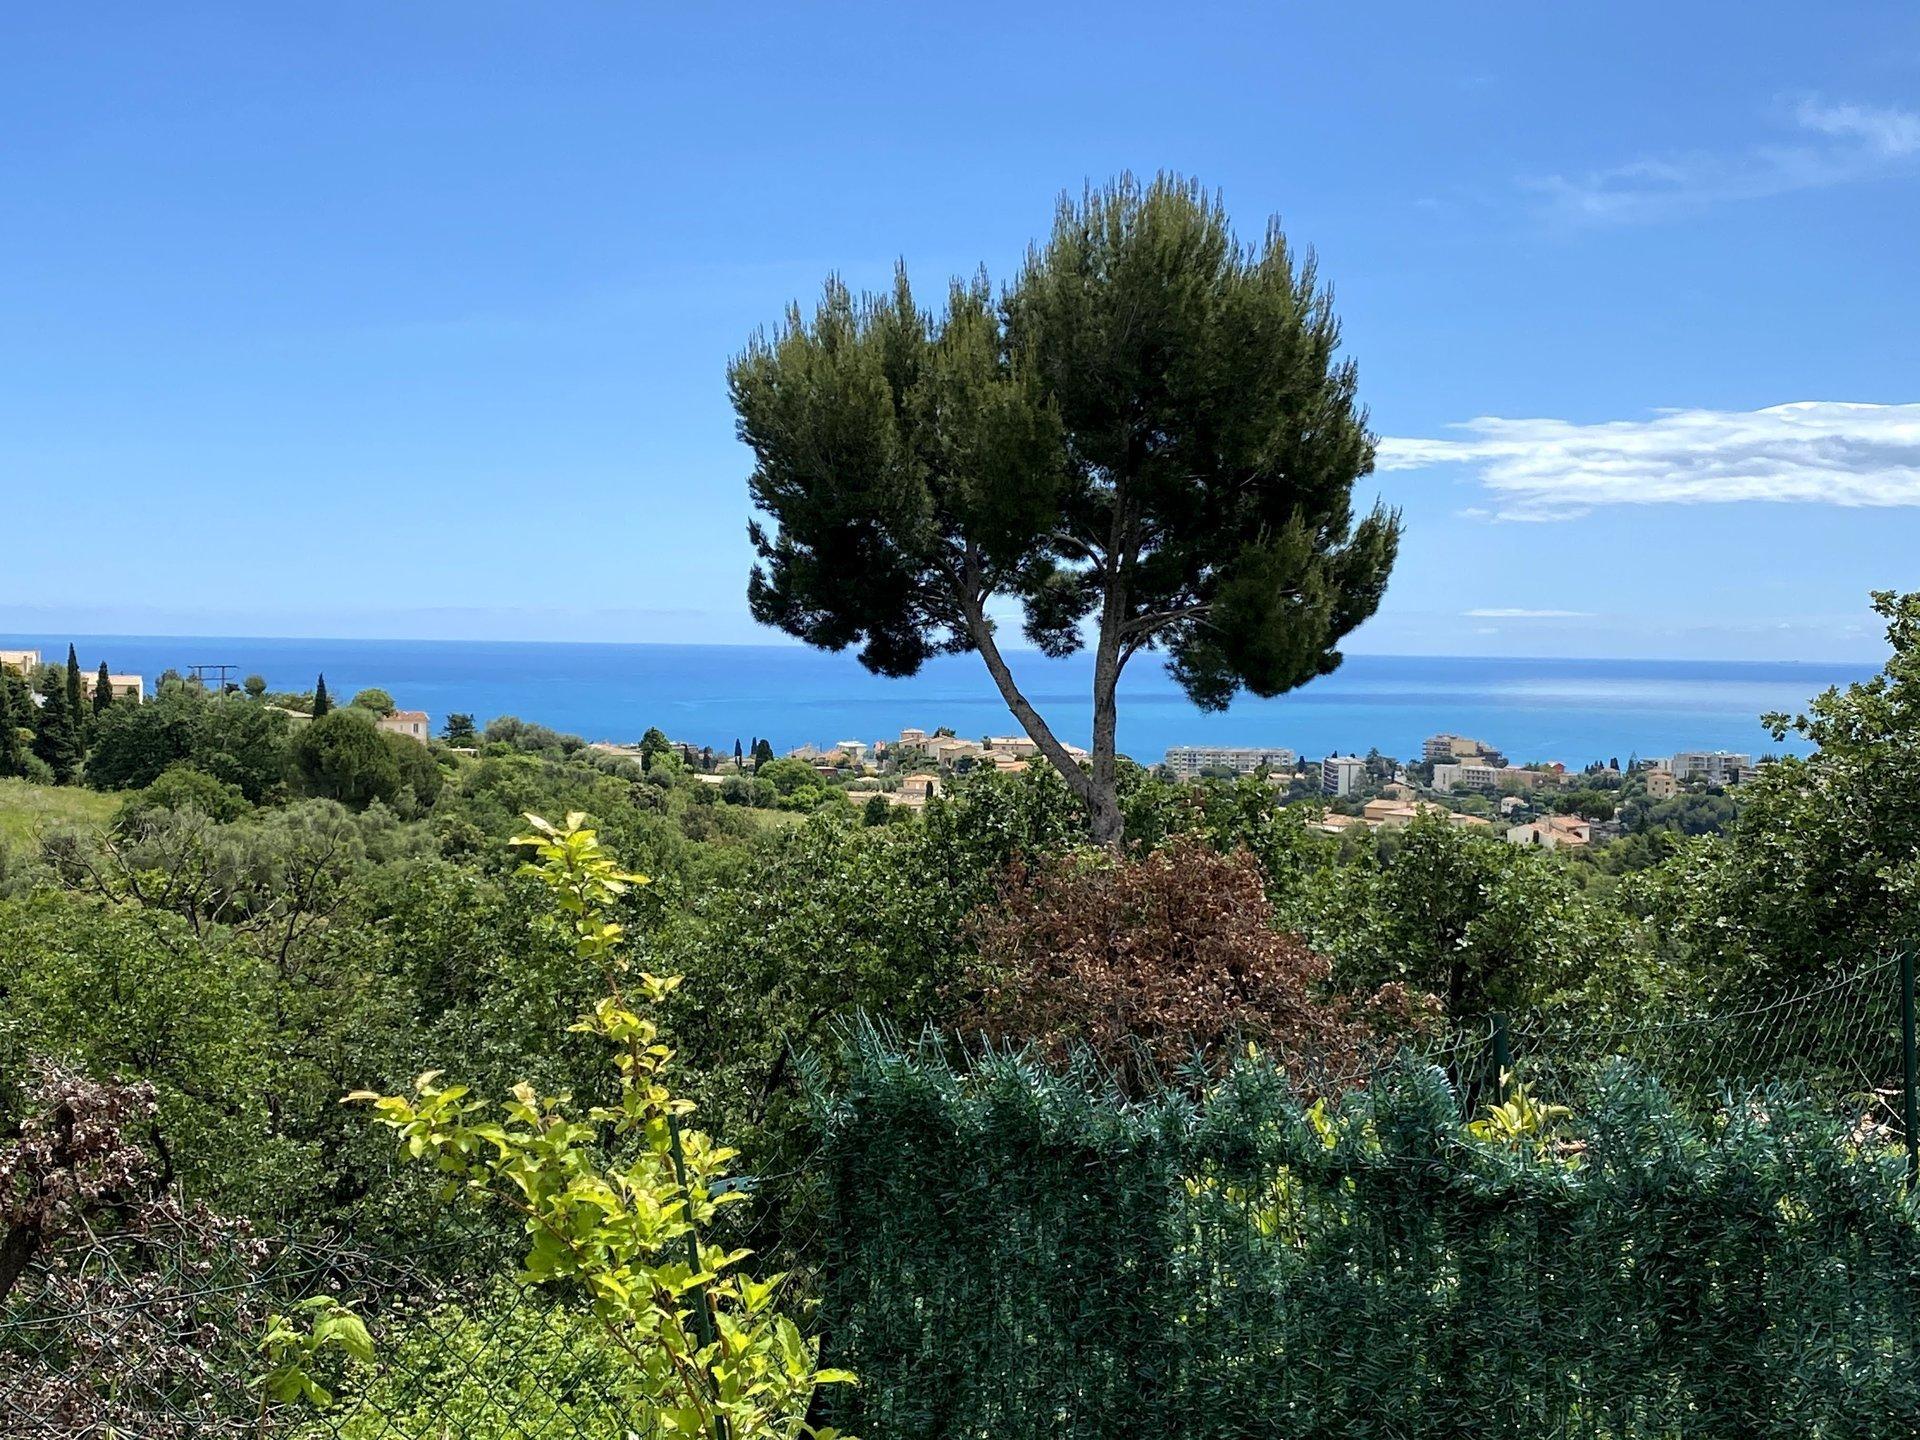 Vendita Casa a schiera - Nizza (Nice)